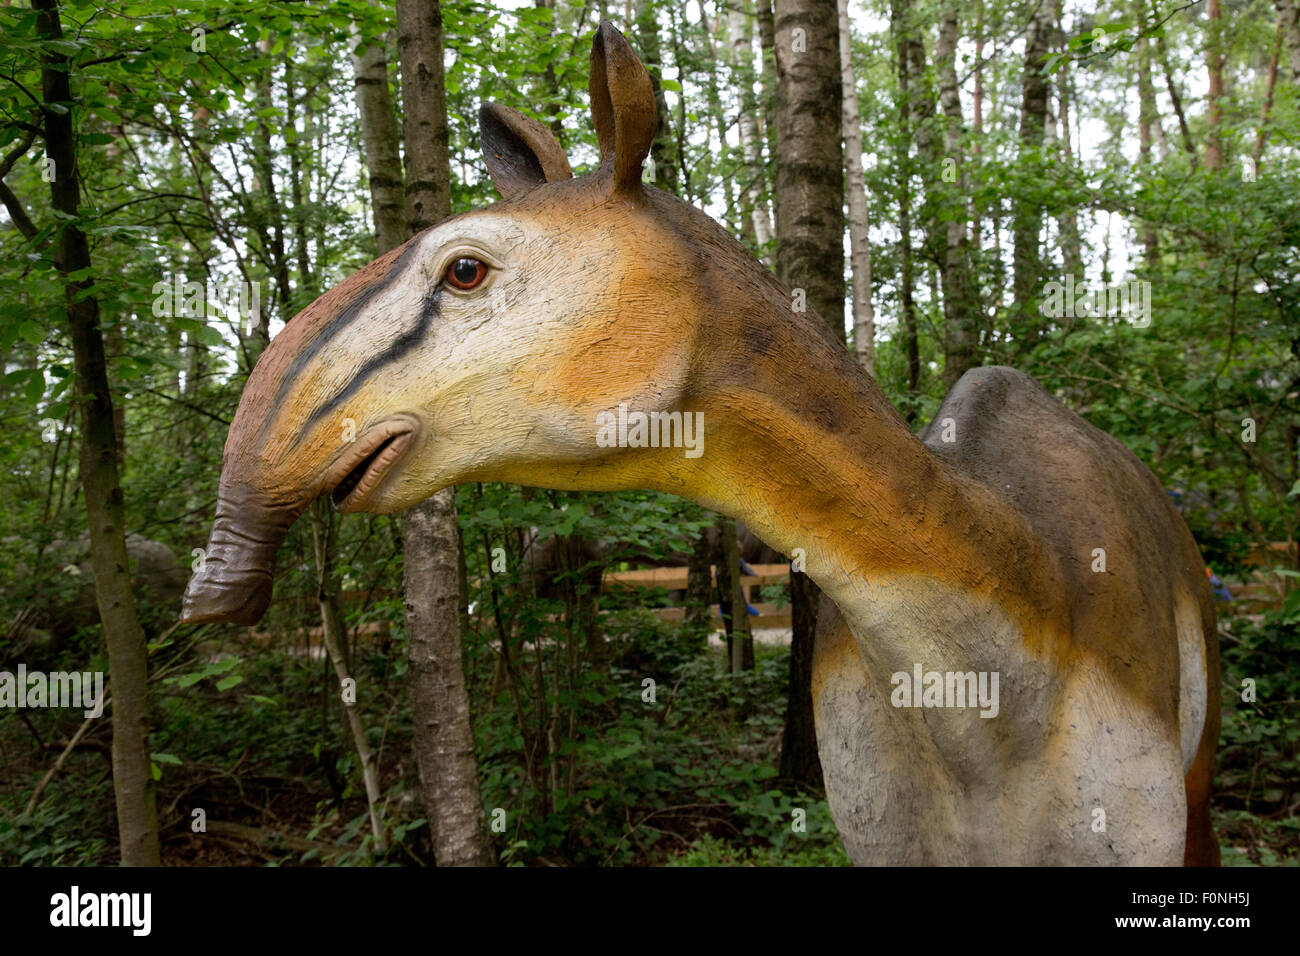 Macrauchenia lang-necked ausgestorben dreizehigen südamerikanischen Huftiere Säugetier Dinosaurier-Park Deutschland Stockfoto